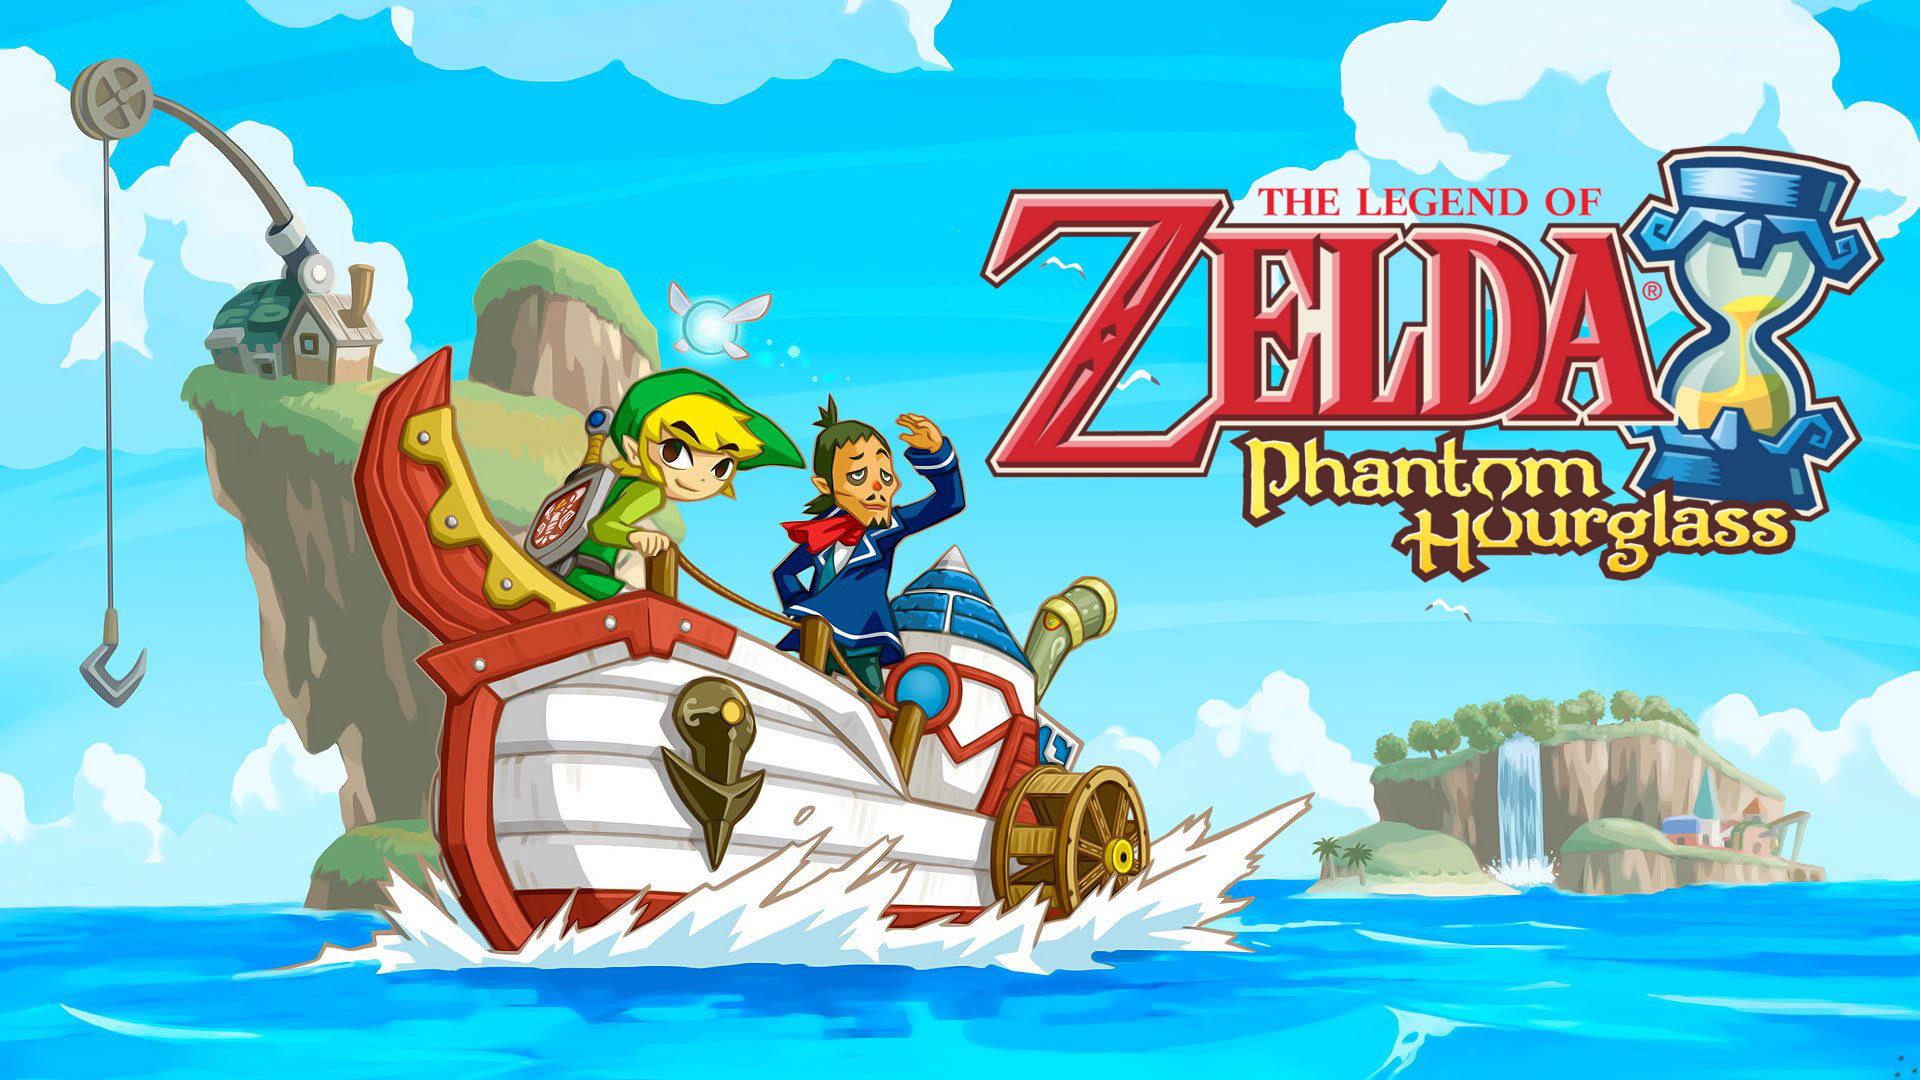 The Legend of Zelda: Phantom Hourglass for Nintendo DS